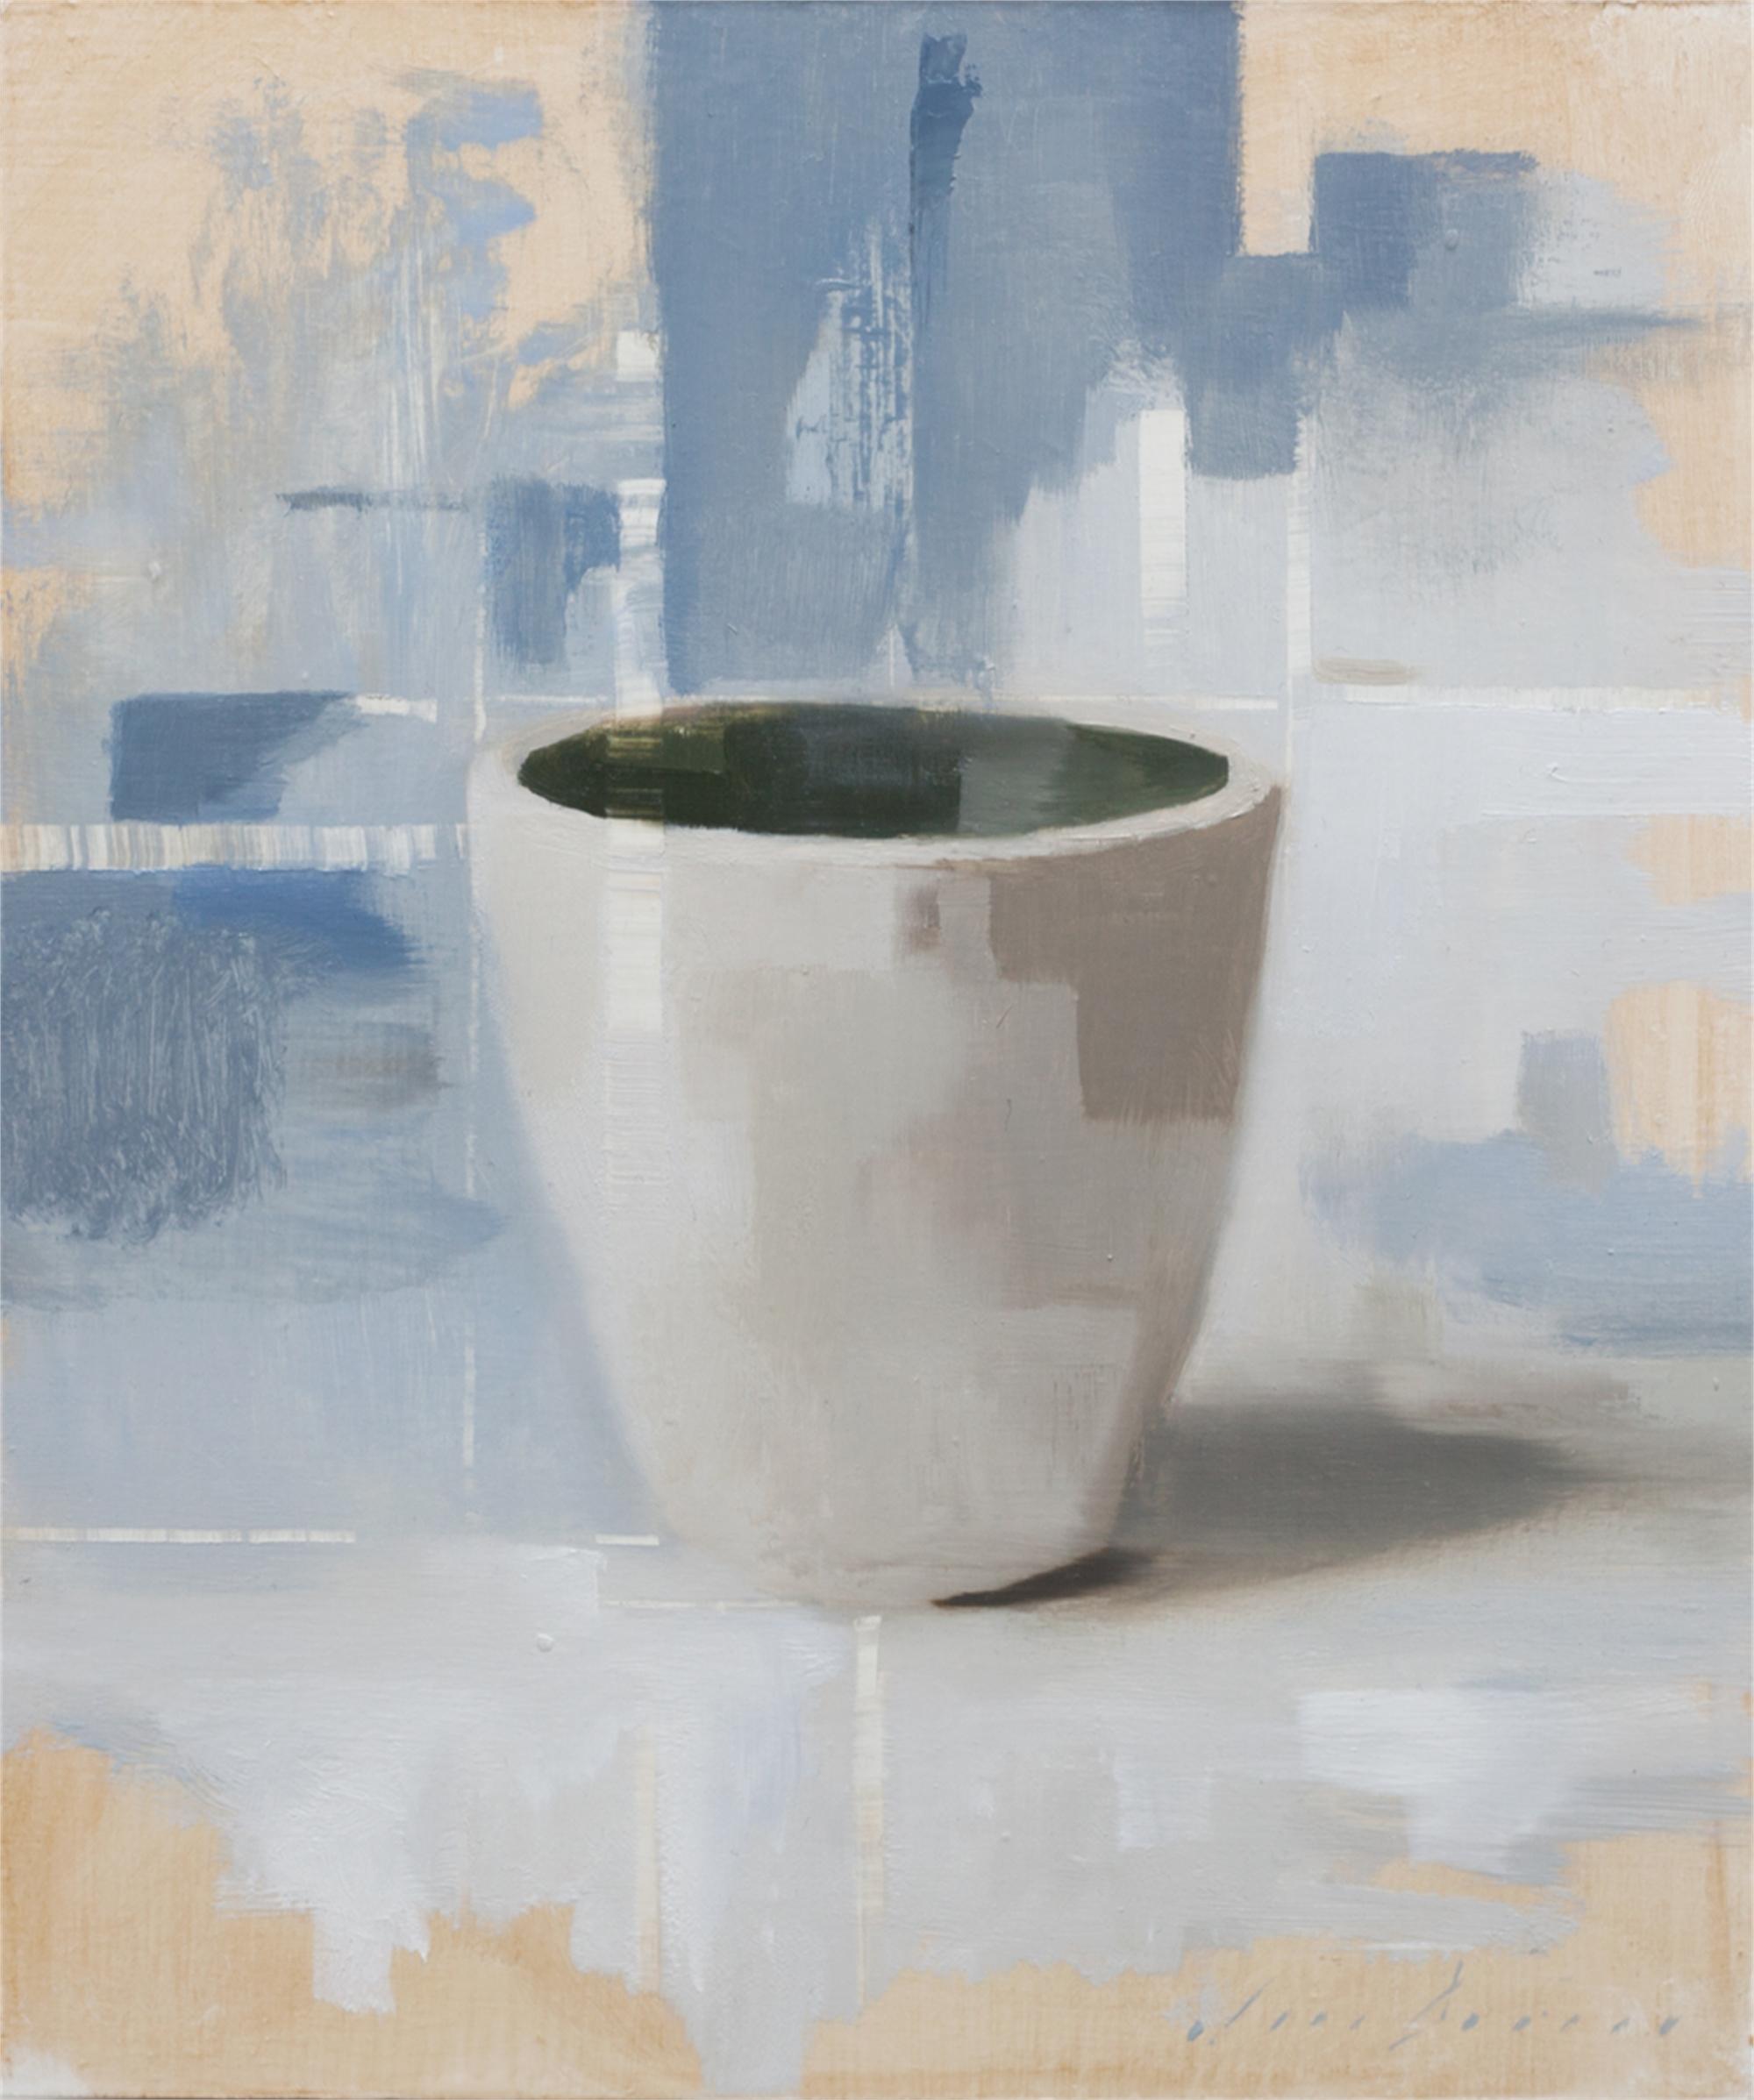 Handmade Cup 2 by Jon Doran